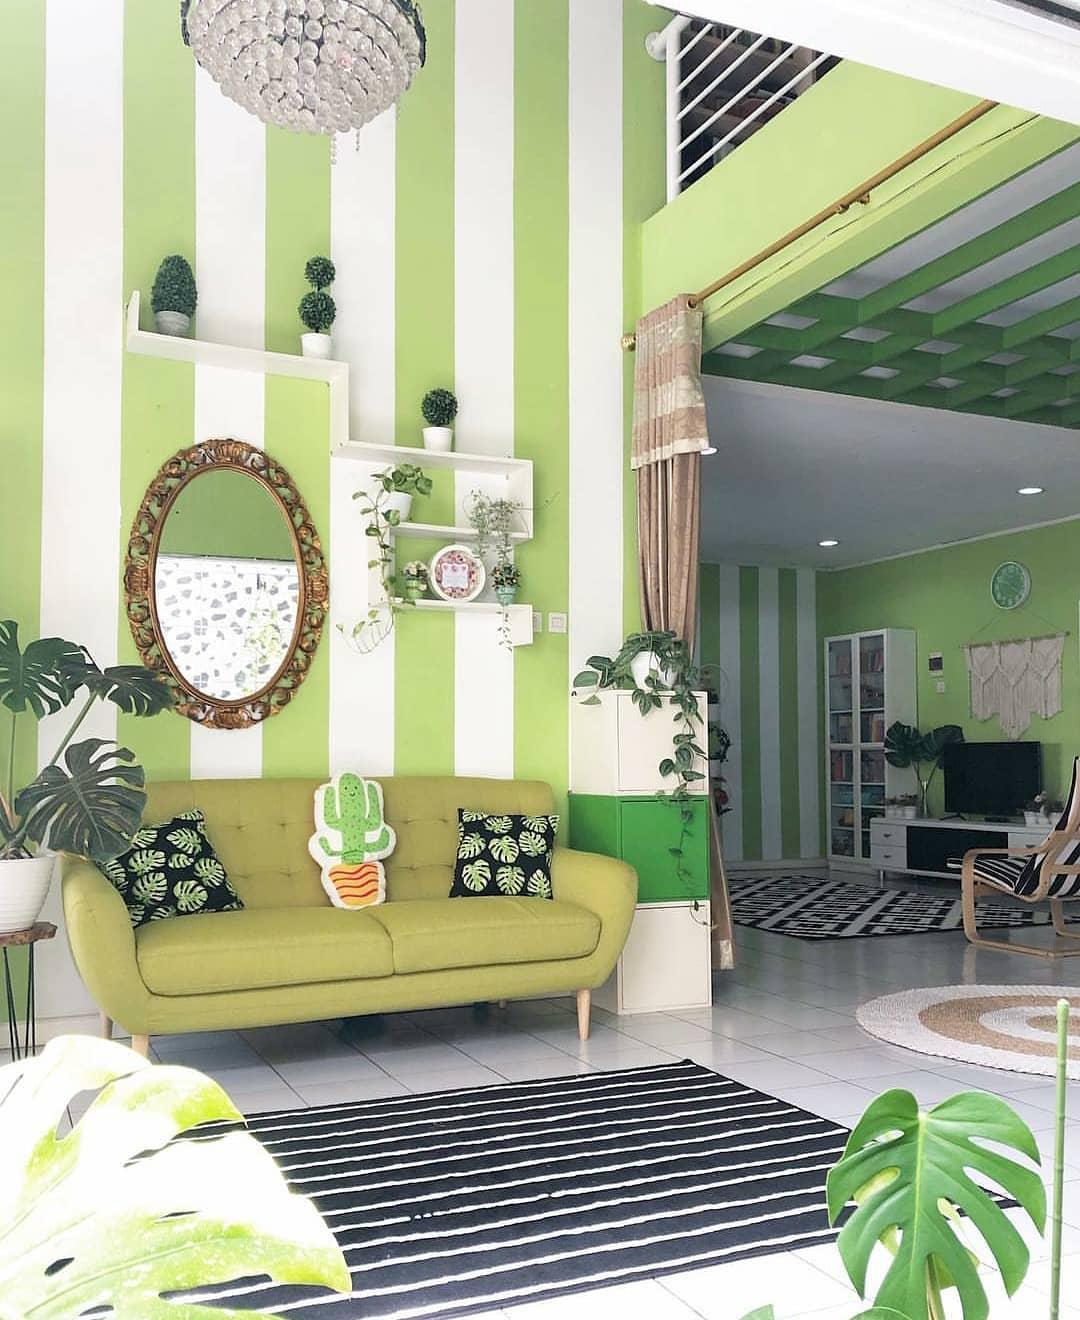 Warna Cat Tembok Ruang Tamu Yang Bagus Kombinasi Warna Hijau Putih